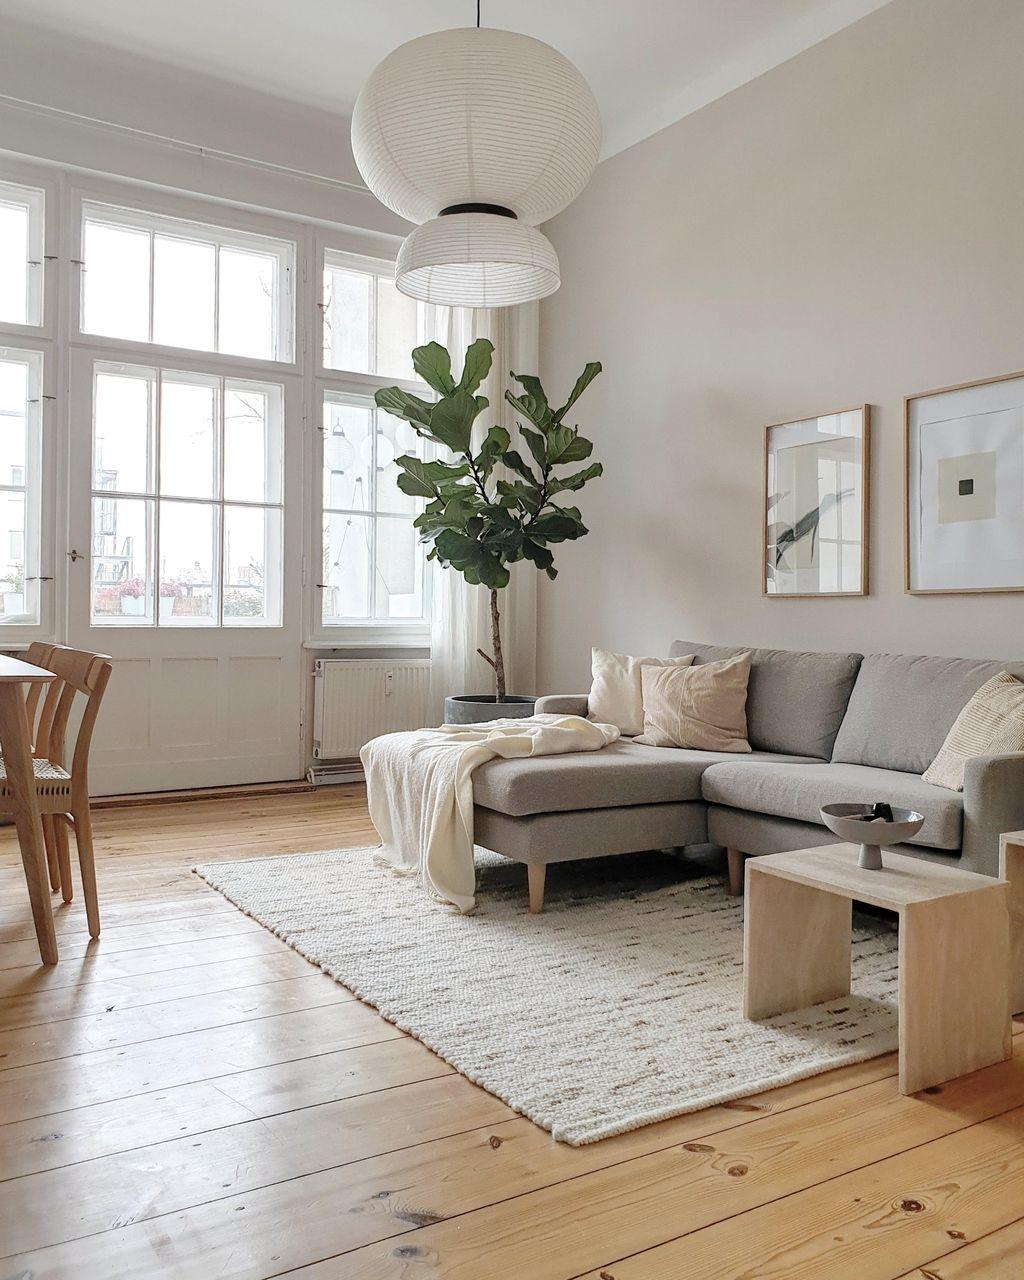 #wohnzimmer #sofa #ficus #geigenfeige #dielenboden #altbau #altbauliebe #cozy #hygge #skandinavisch #minimalistisch